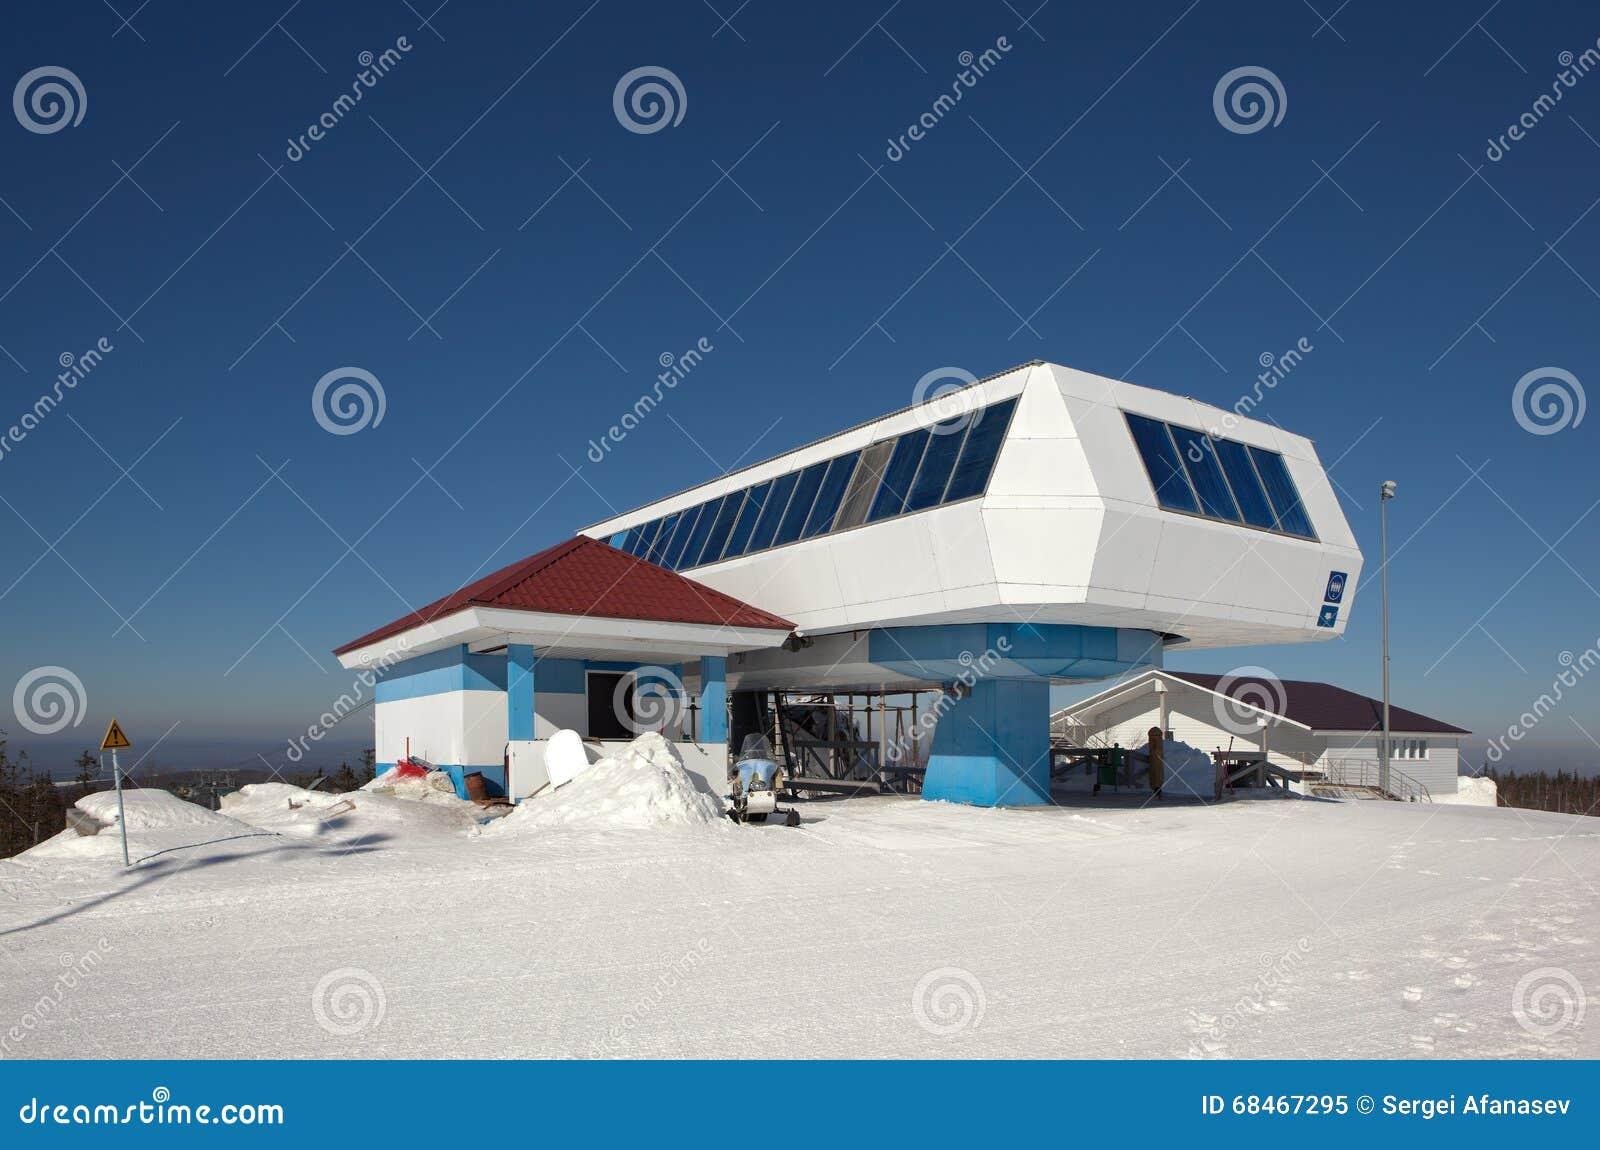 Mountain skiing complex Dolgaya (Nizhny Tagil) 64